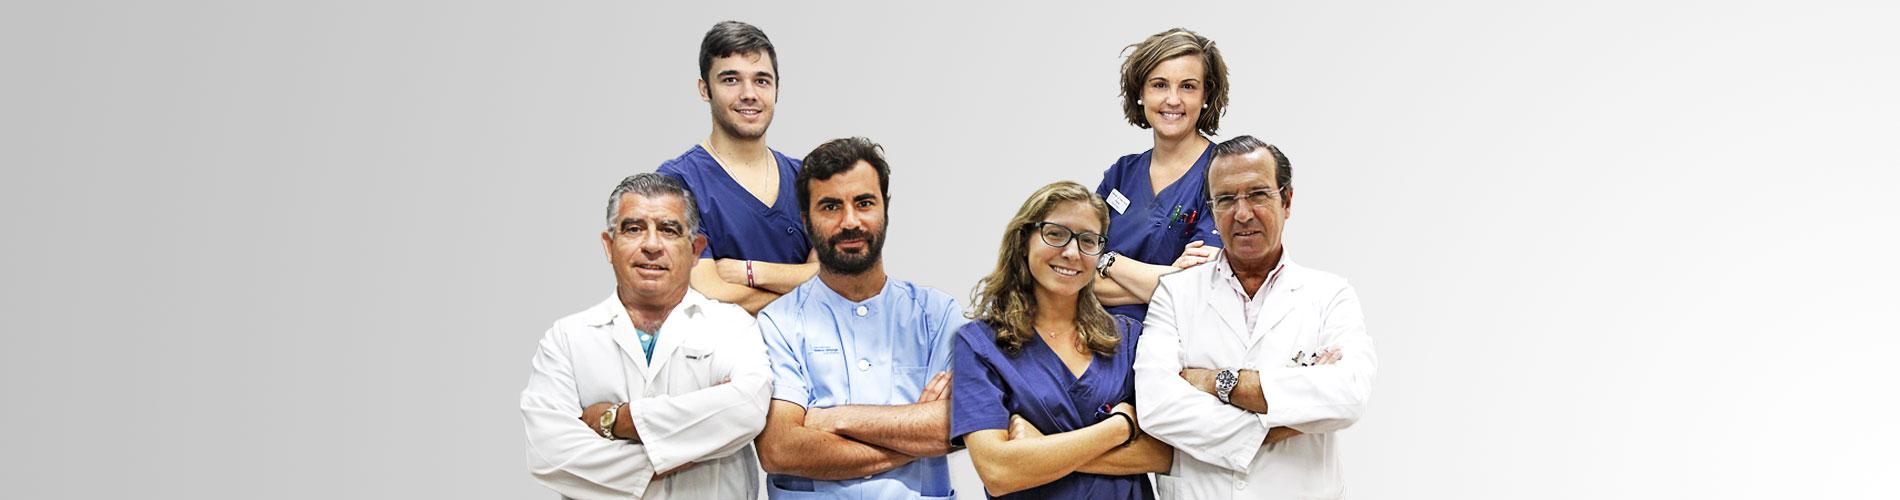 Medicos clínica rehberger lopez-fanjul dental maxilofacial cirugía estetica facial